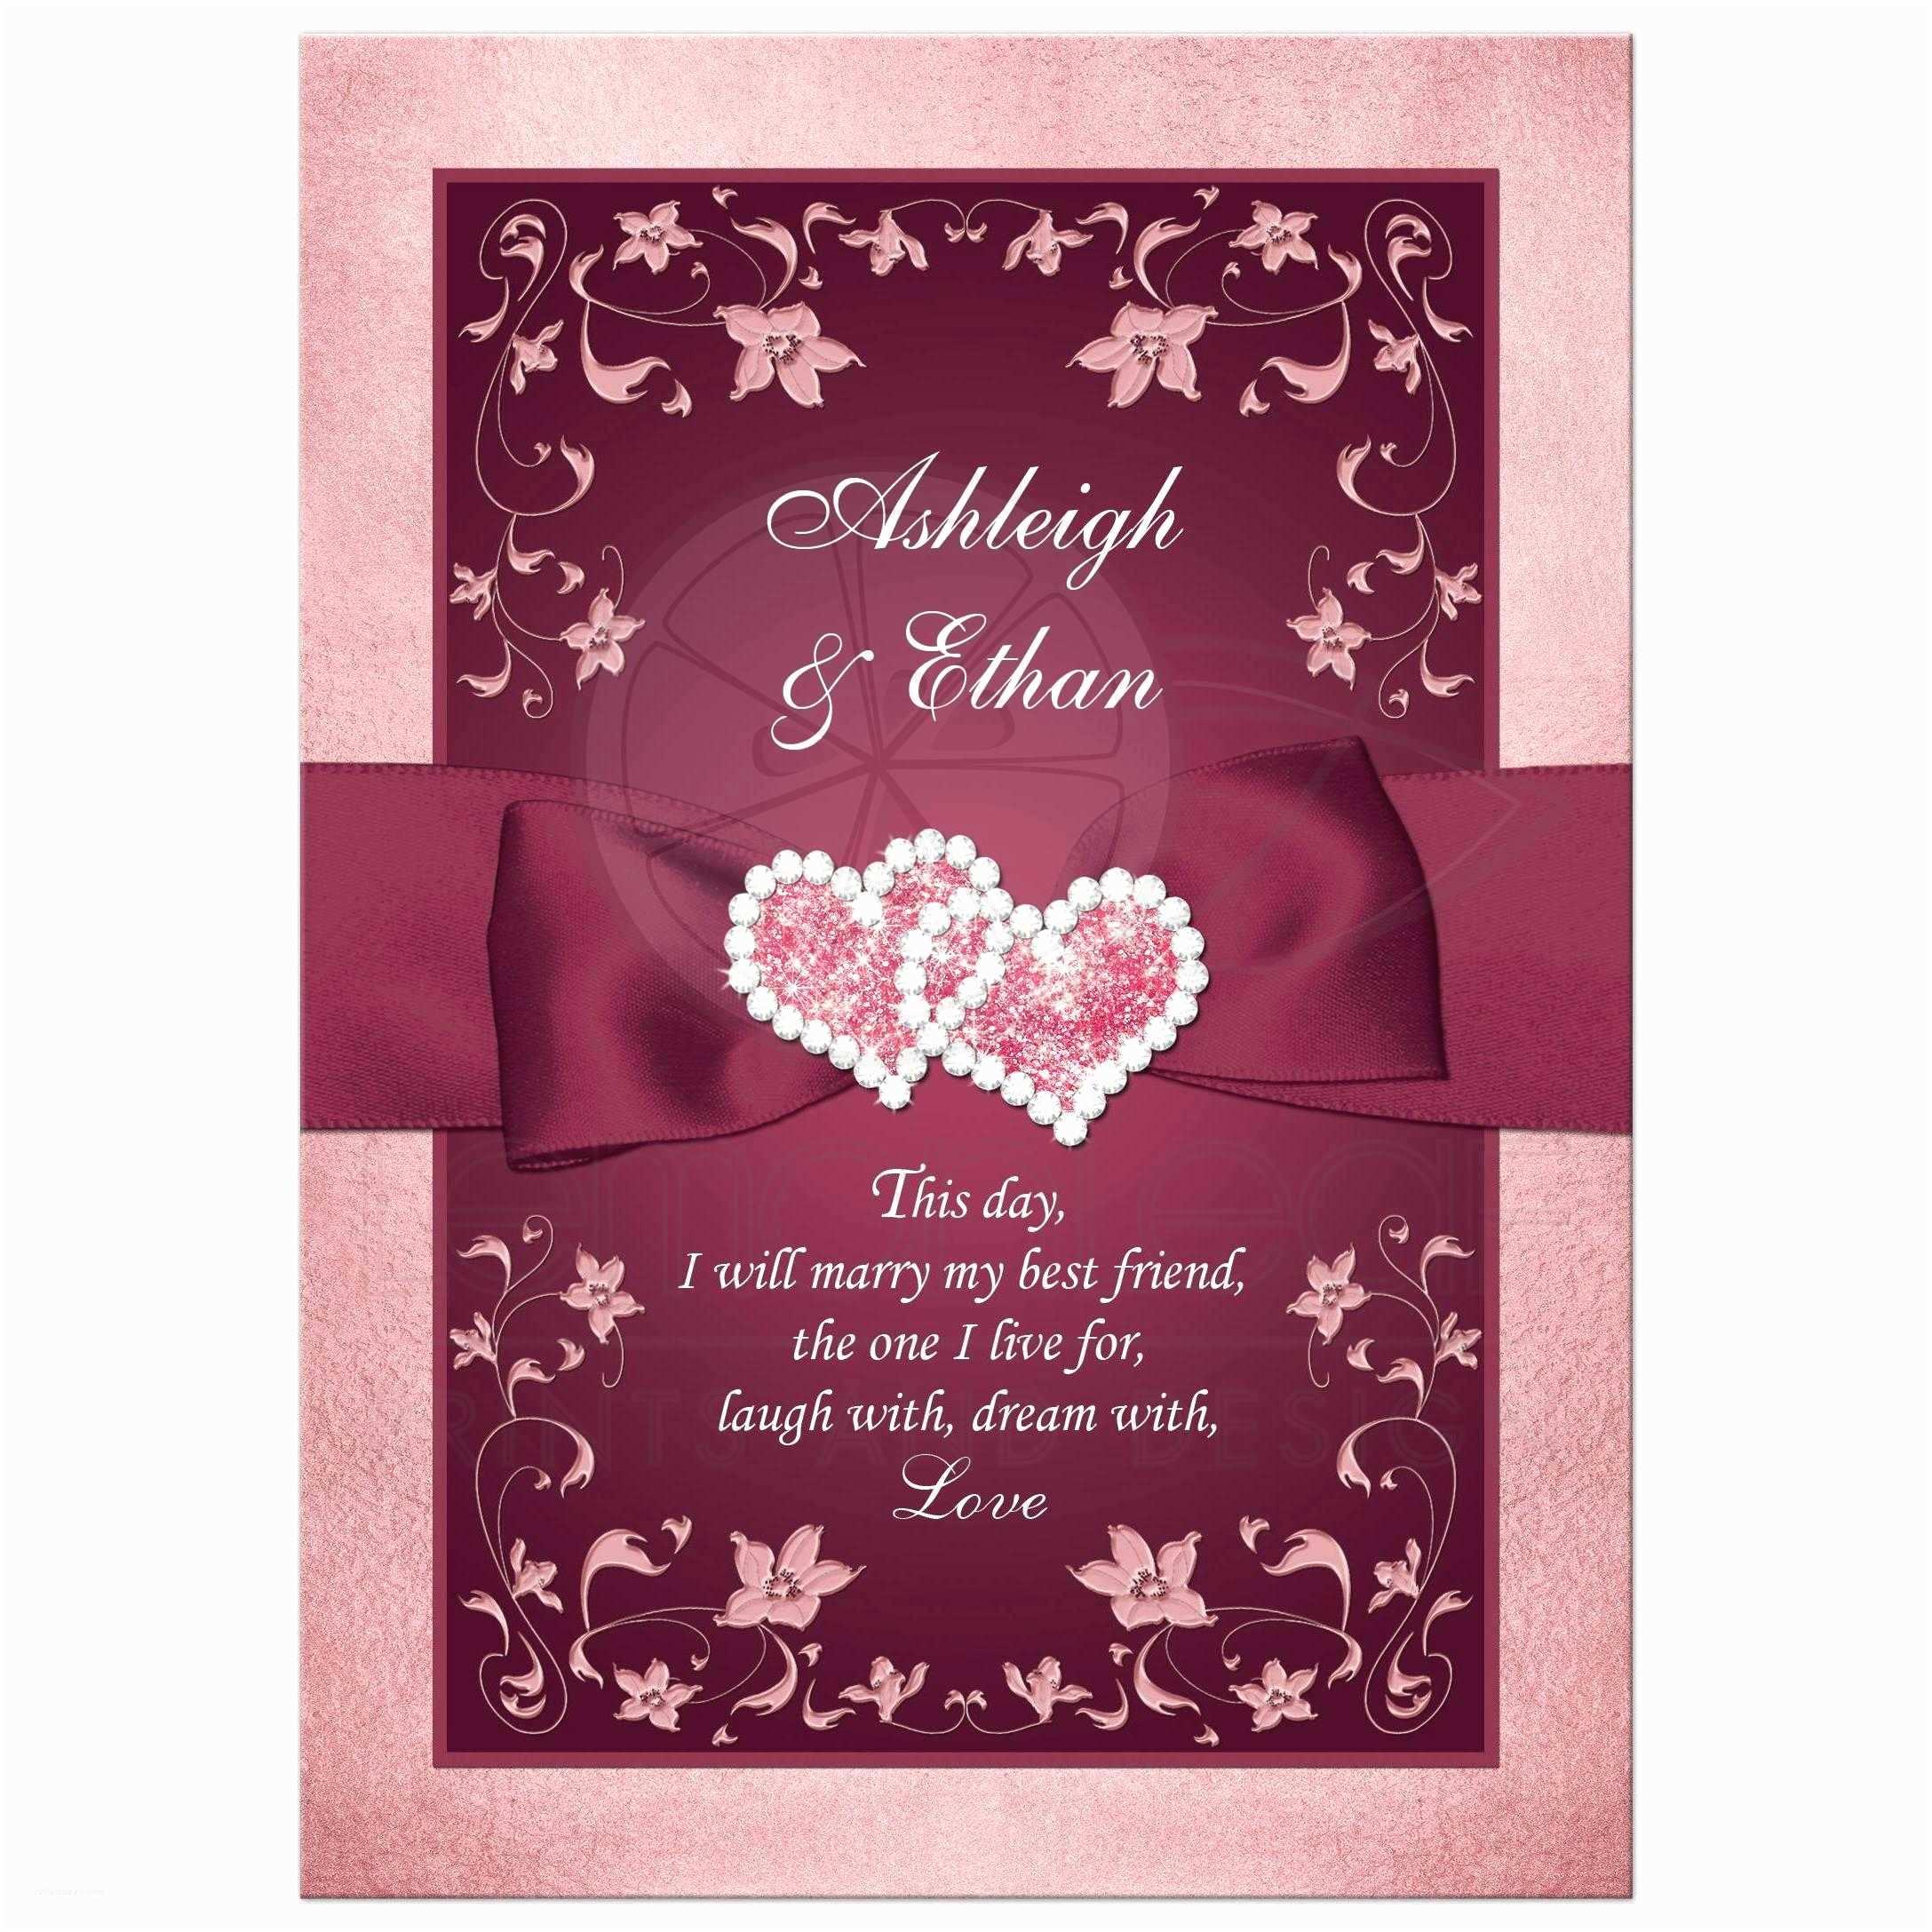 Burgundy and White Wedding Invitations Burgundy Blush Wedding Invitation